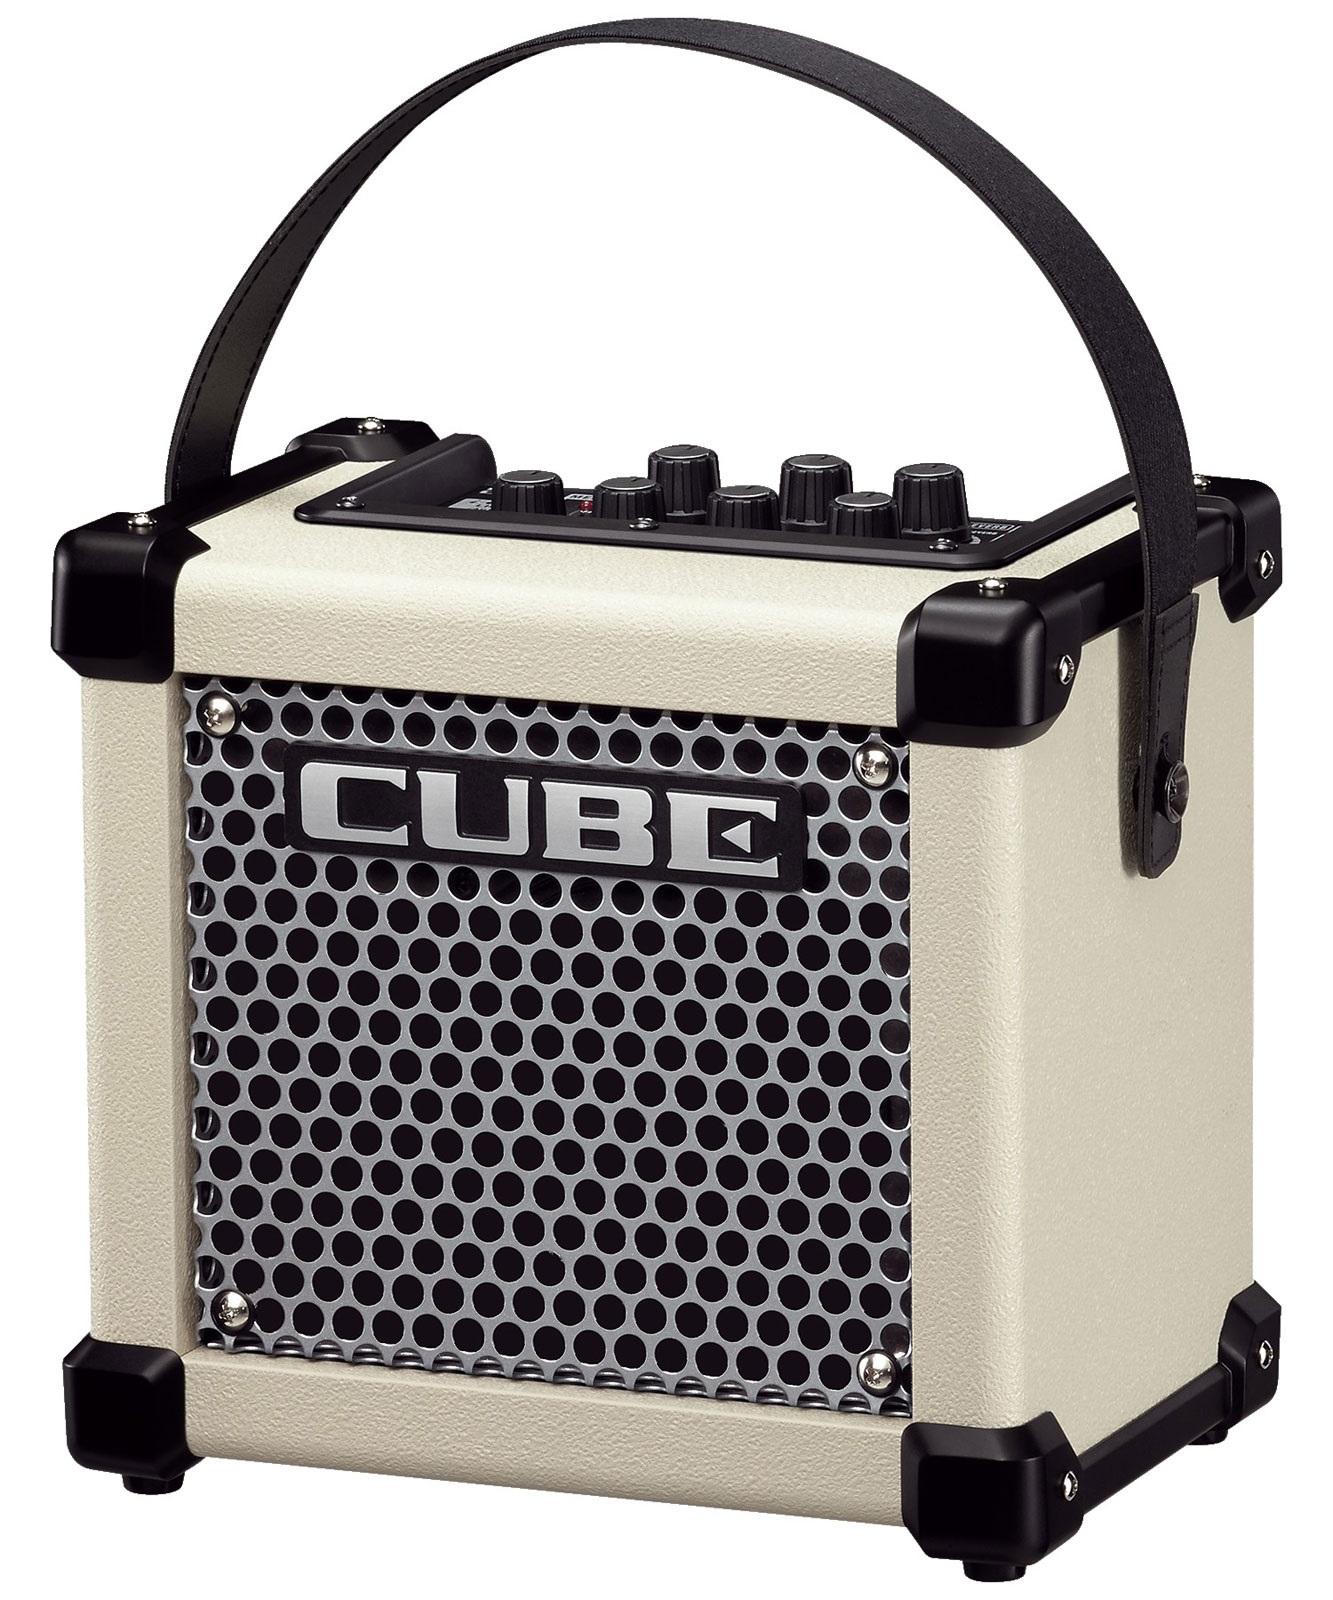 Fotografie Roland Micro Cube GX White